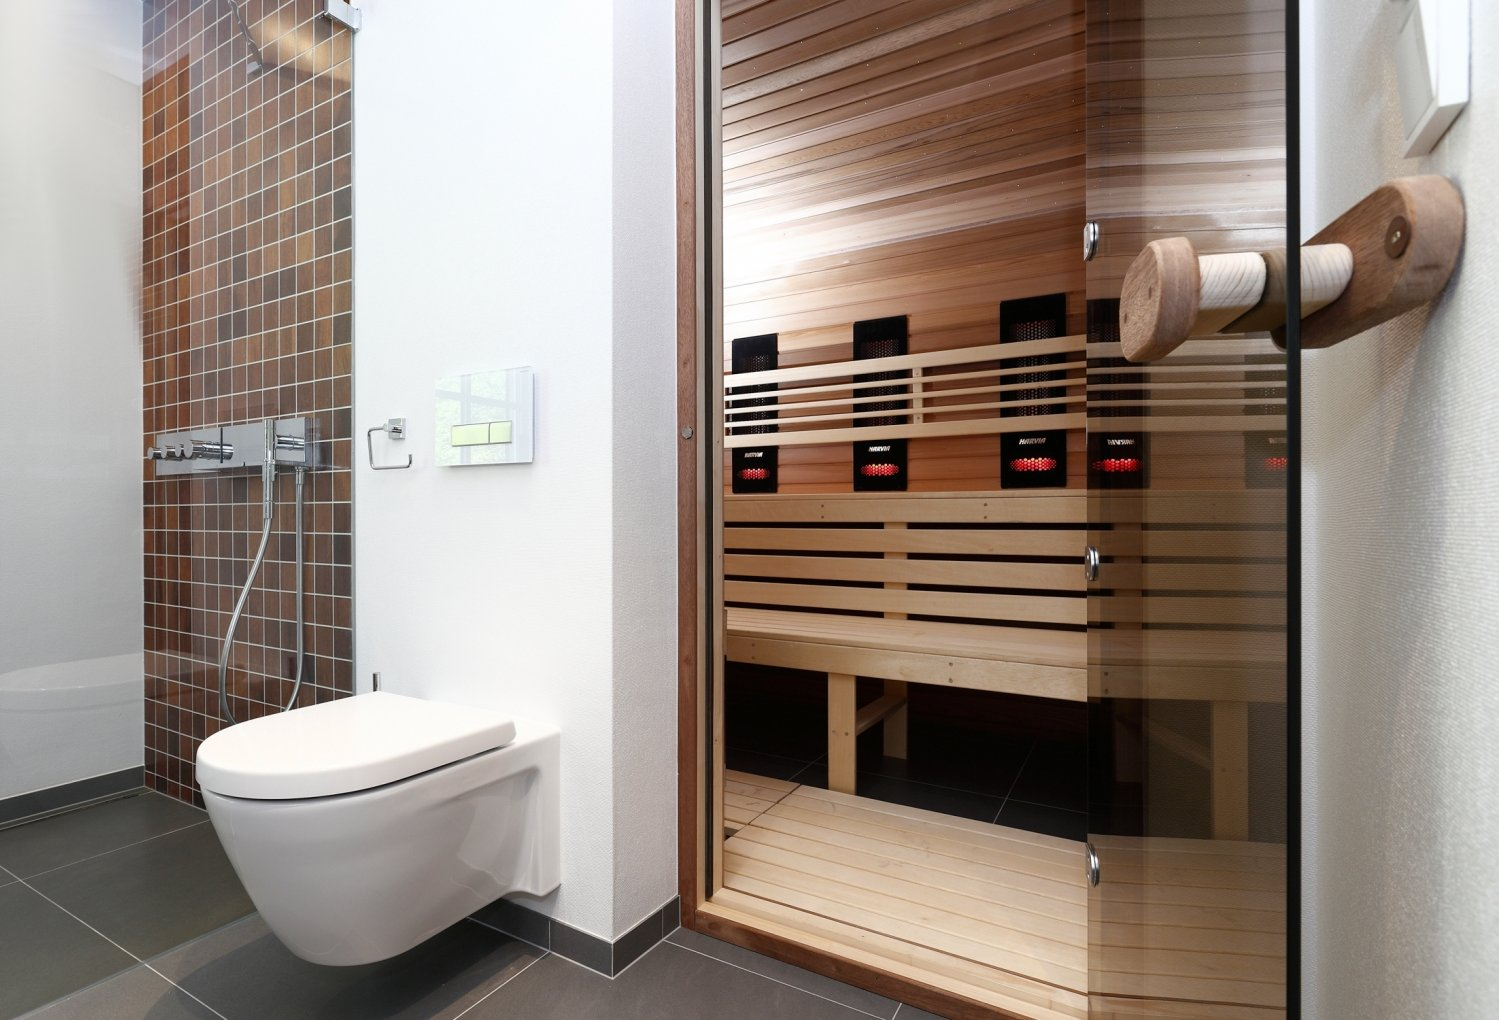 Туалетное место оборудованное сантехникой Geberit в современной сауне